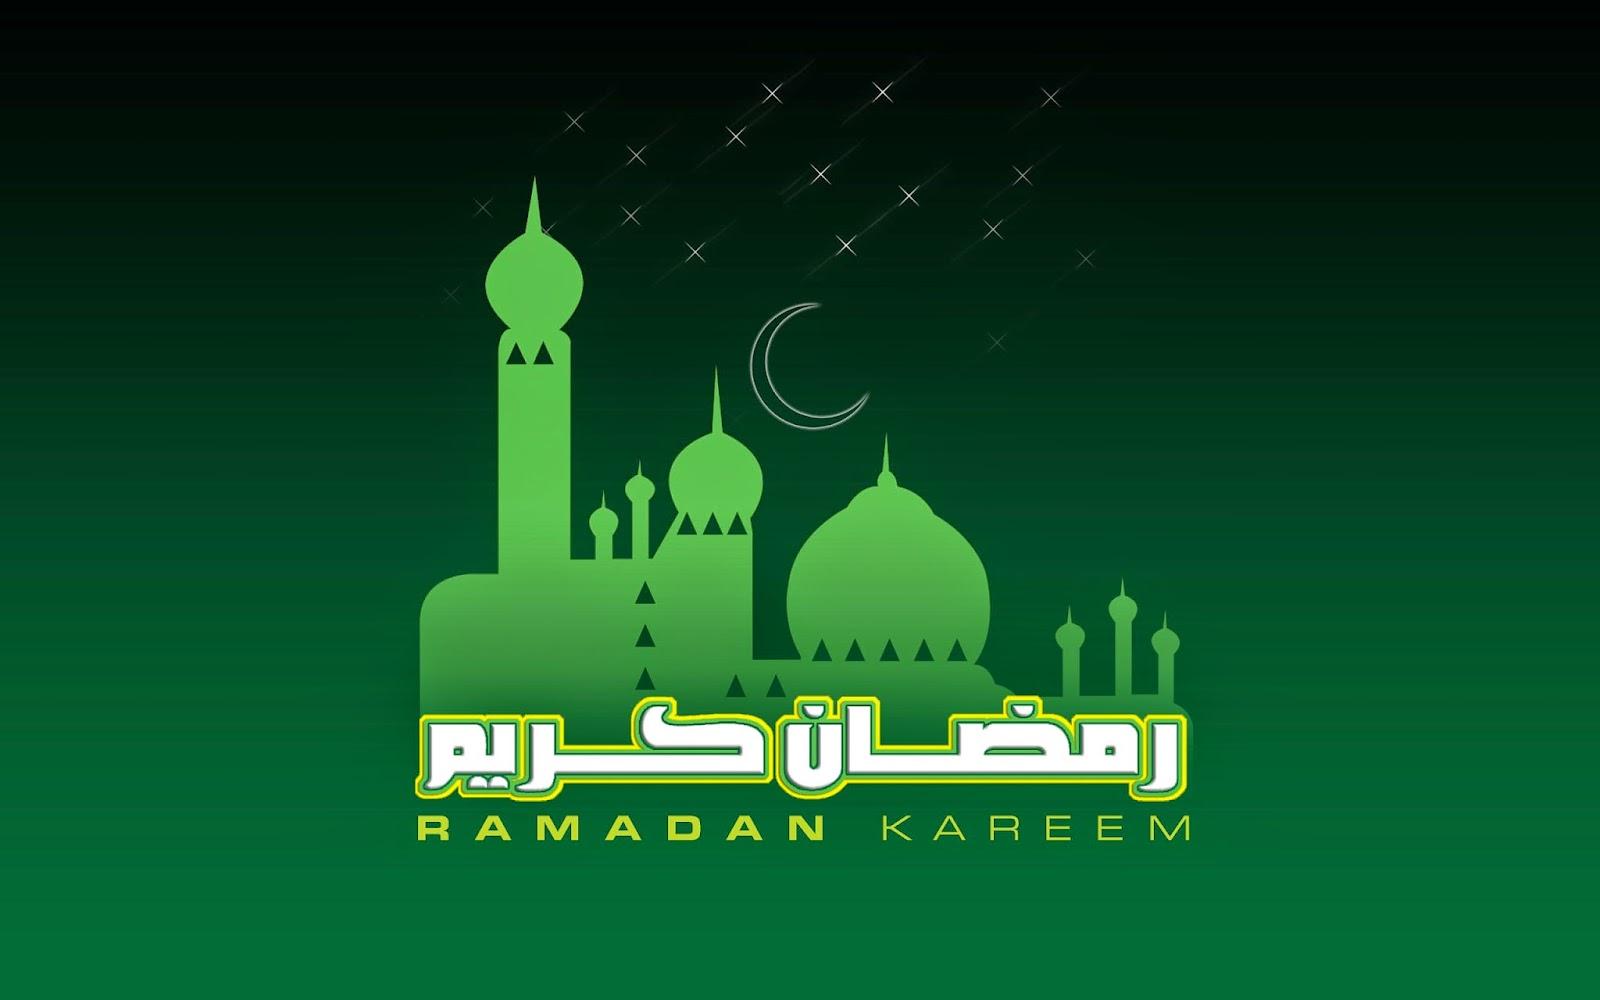 Perintah puasa di bulan Ramadhan memang sudah menjadi kewajiban untuk orang Amalan-amalan di Bulan Ramadhan yang disunnahkan